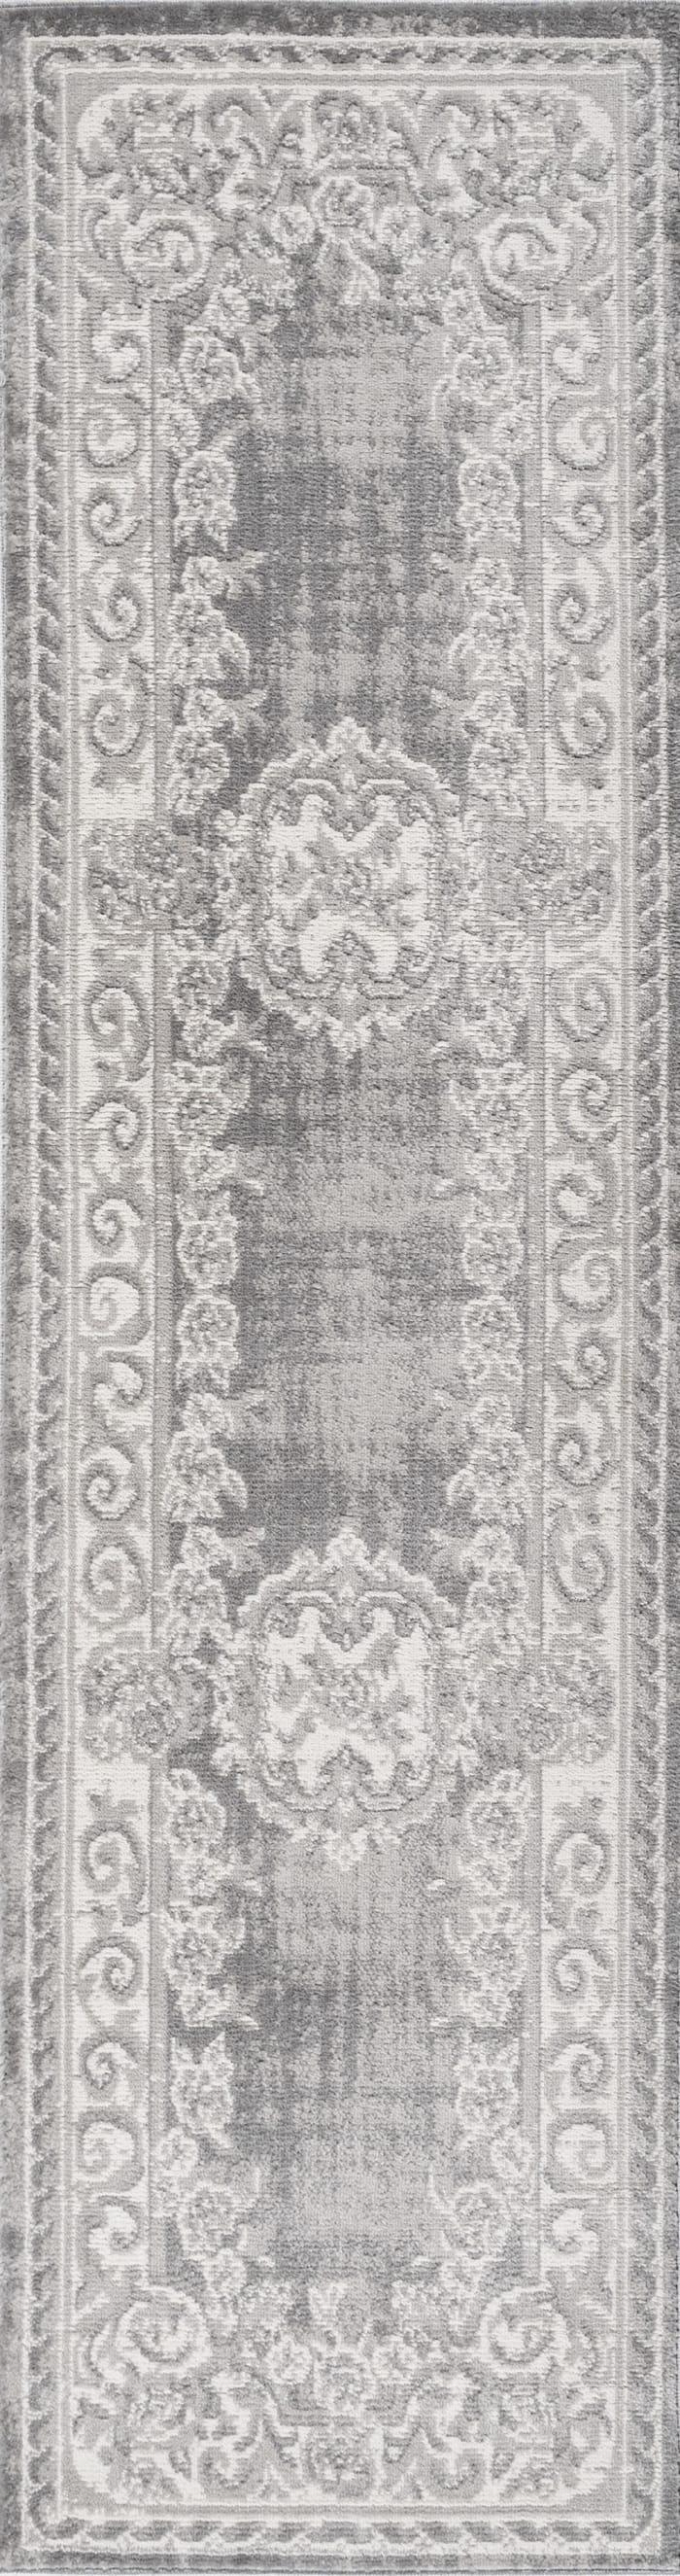 Cottage Medallion Ivory/Gray  2' x 8' Runner Rug